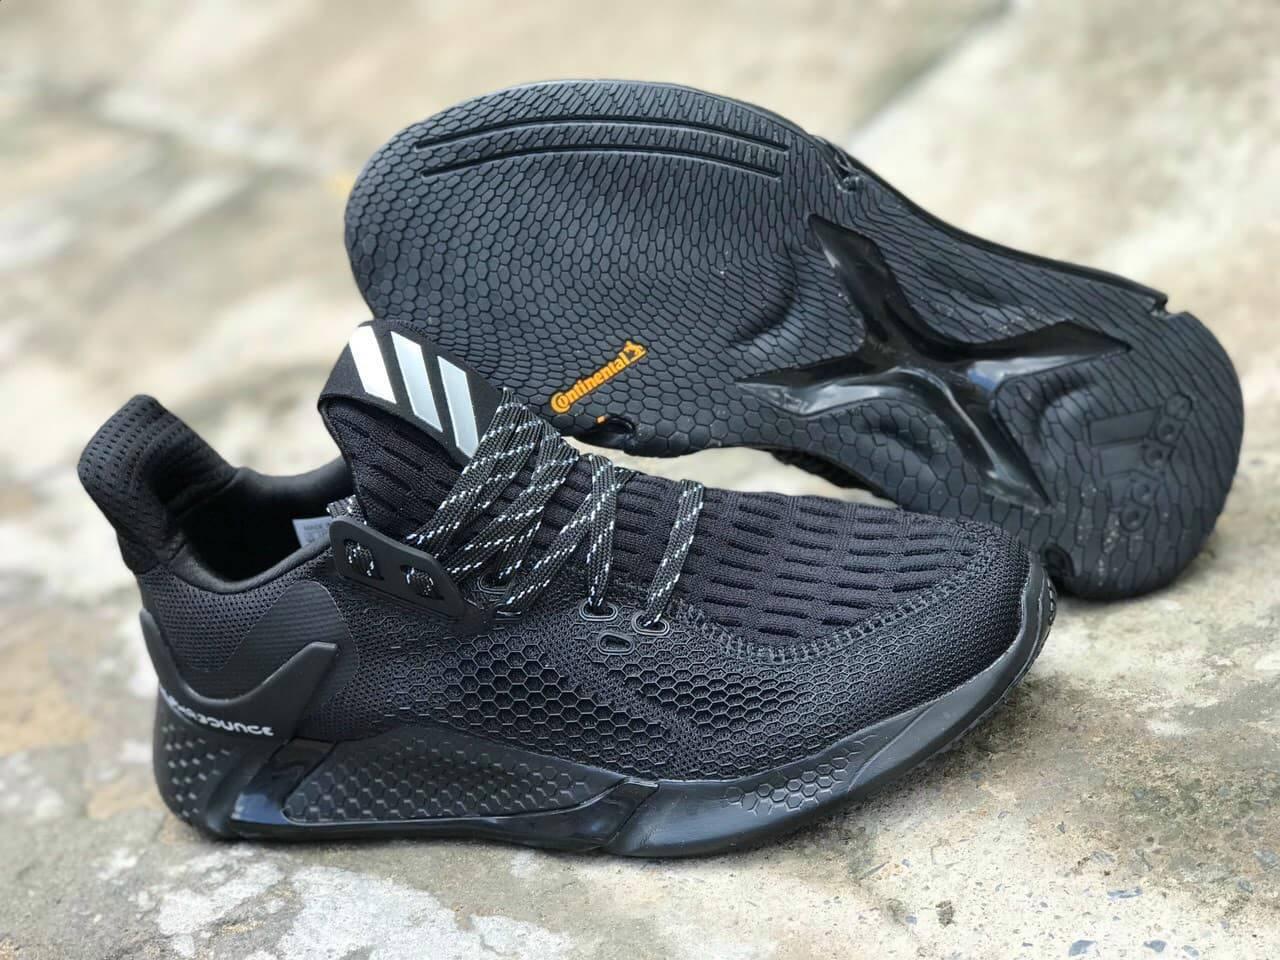 Adidas Alpha Bounce X - All Black